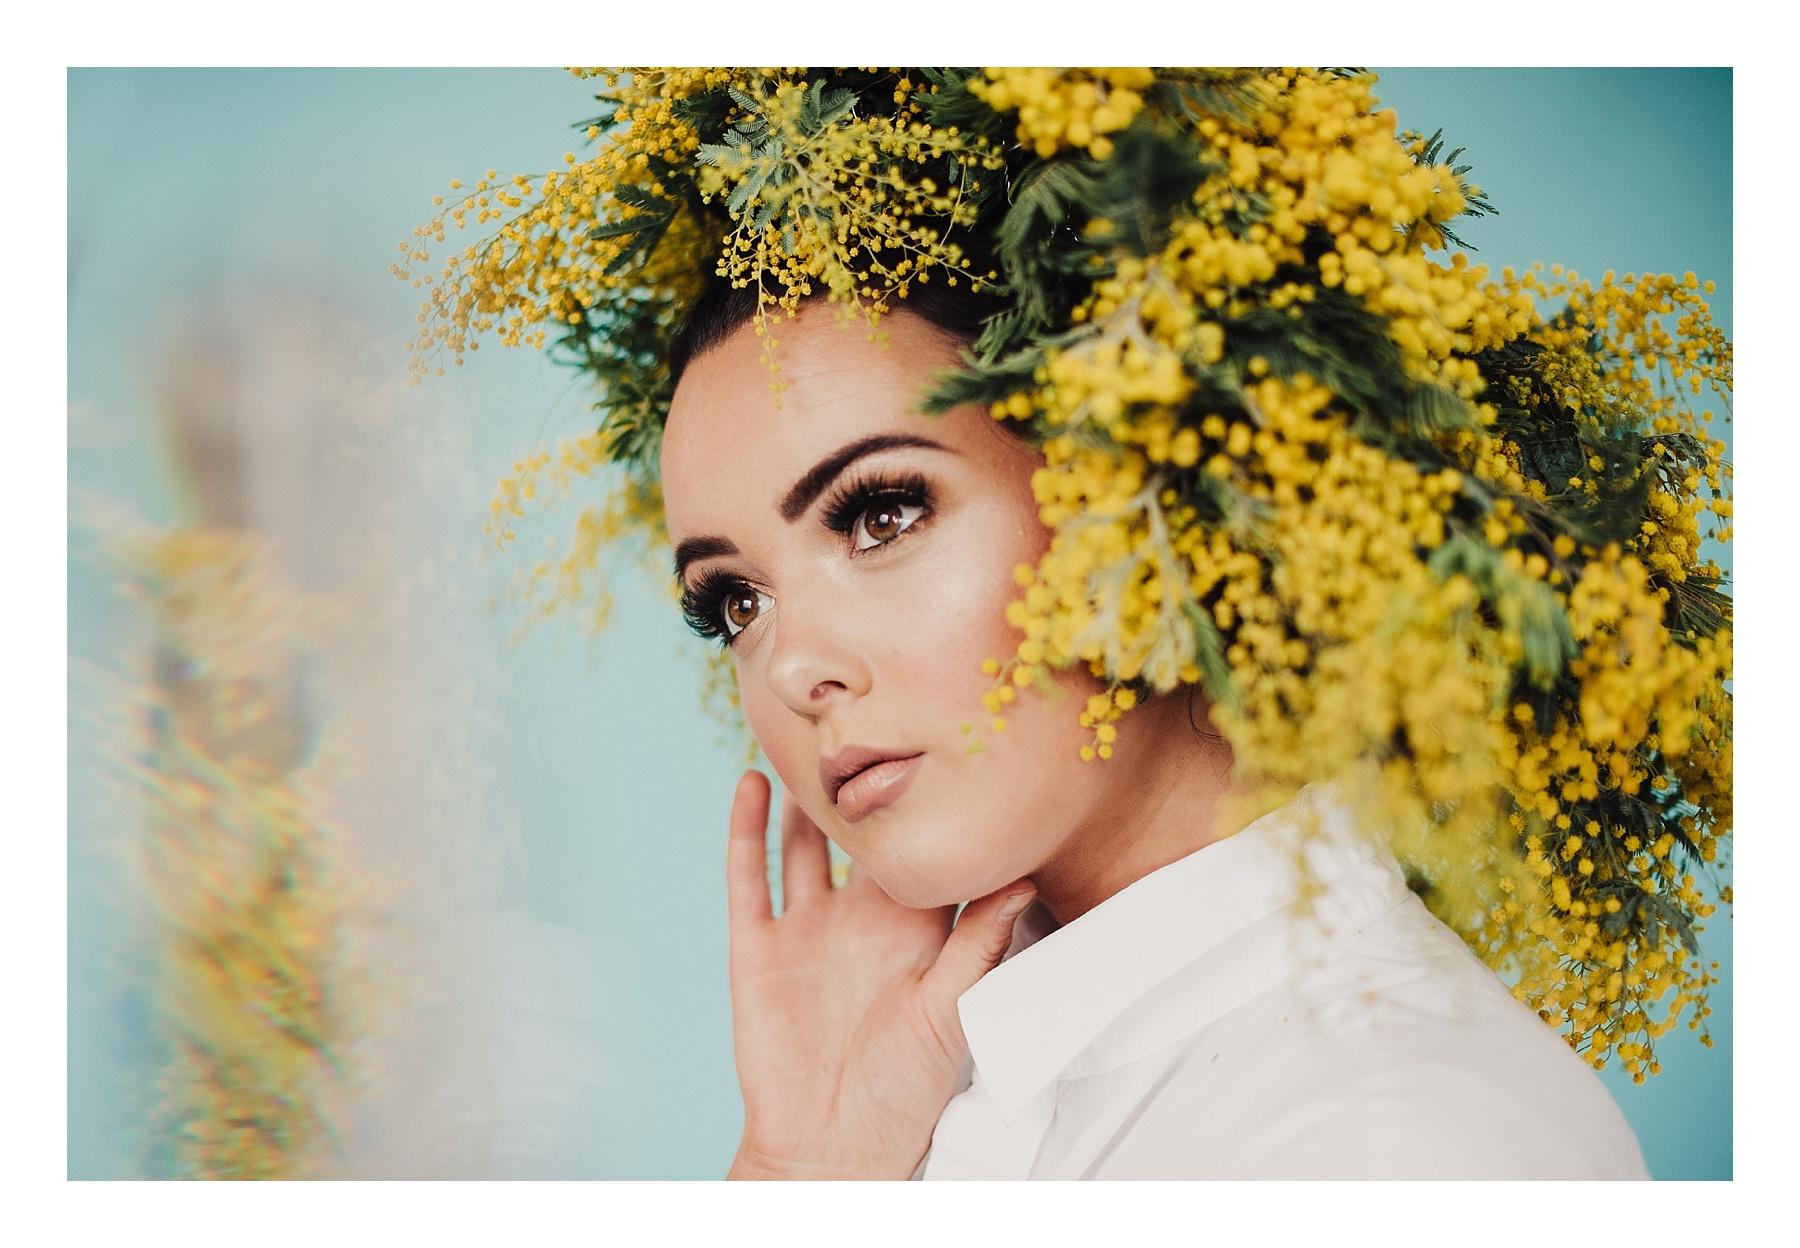 Creative-Headpeice-Florist_0758.jpg